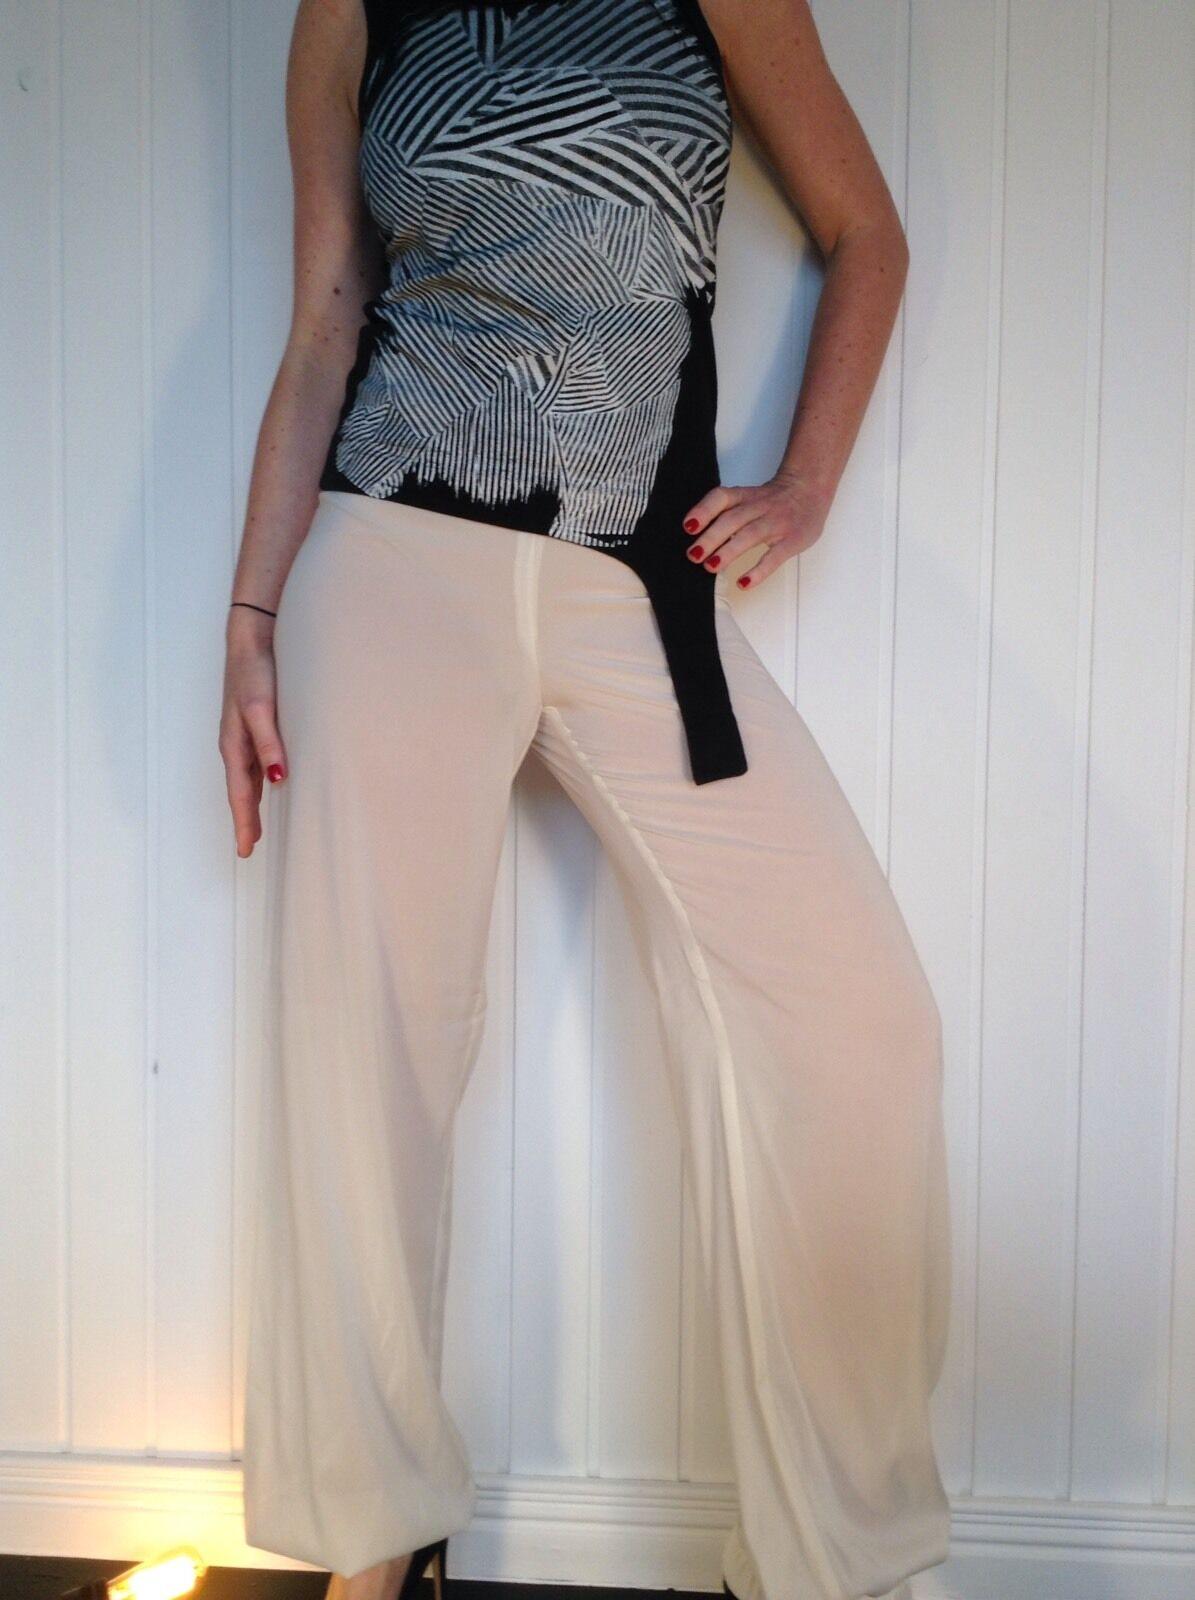 Pantalones para mujer de la colección BNWT GANT Talla 8  PVP   249.95  todos los bienes son especiales